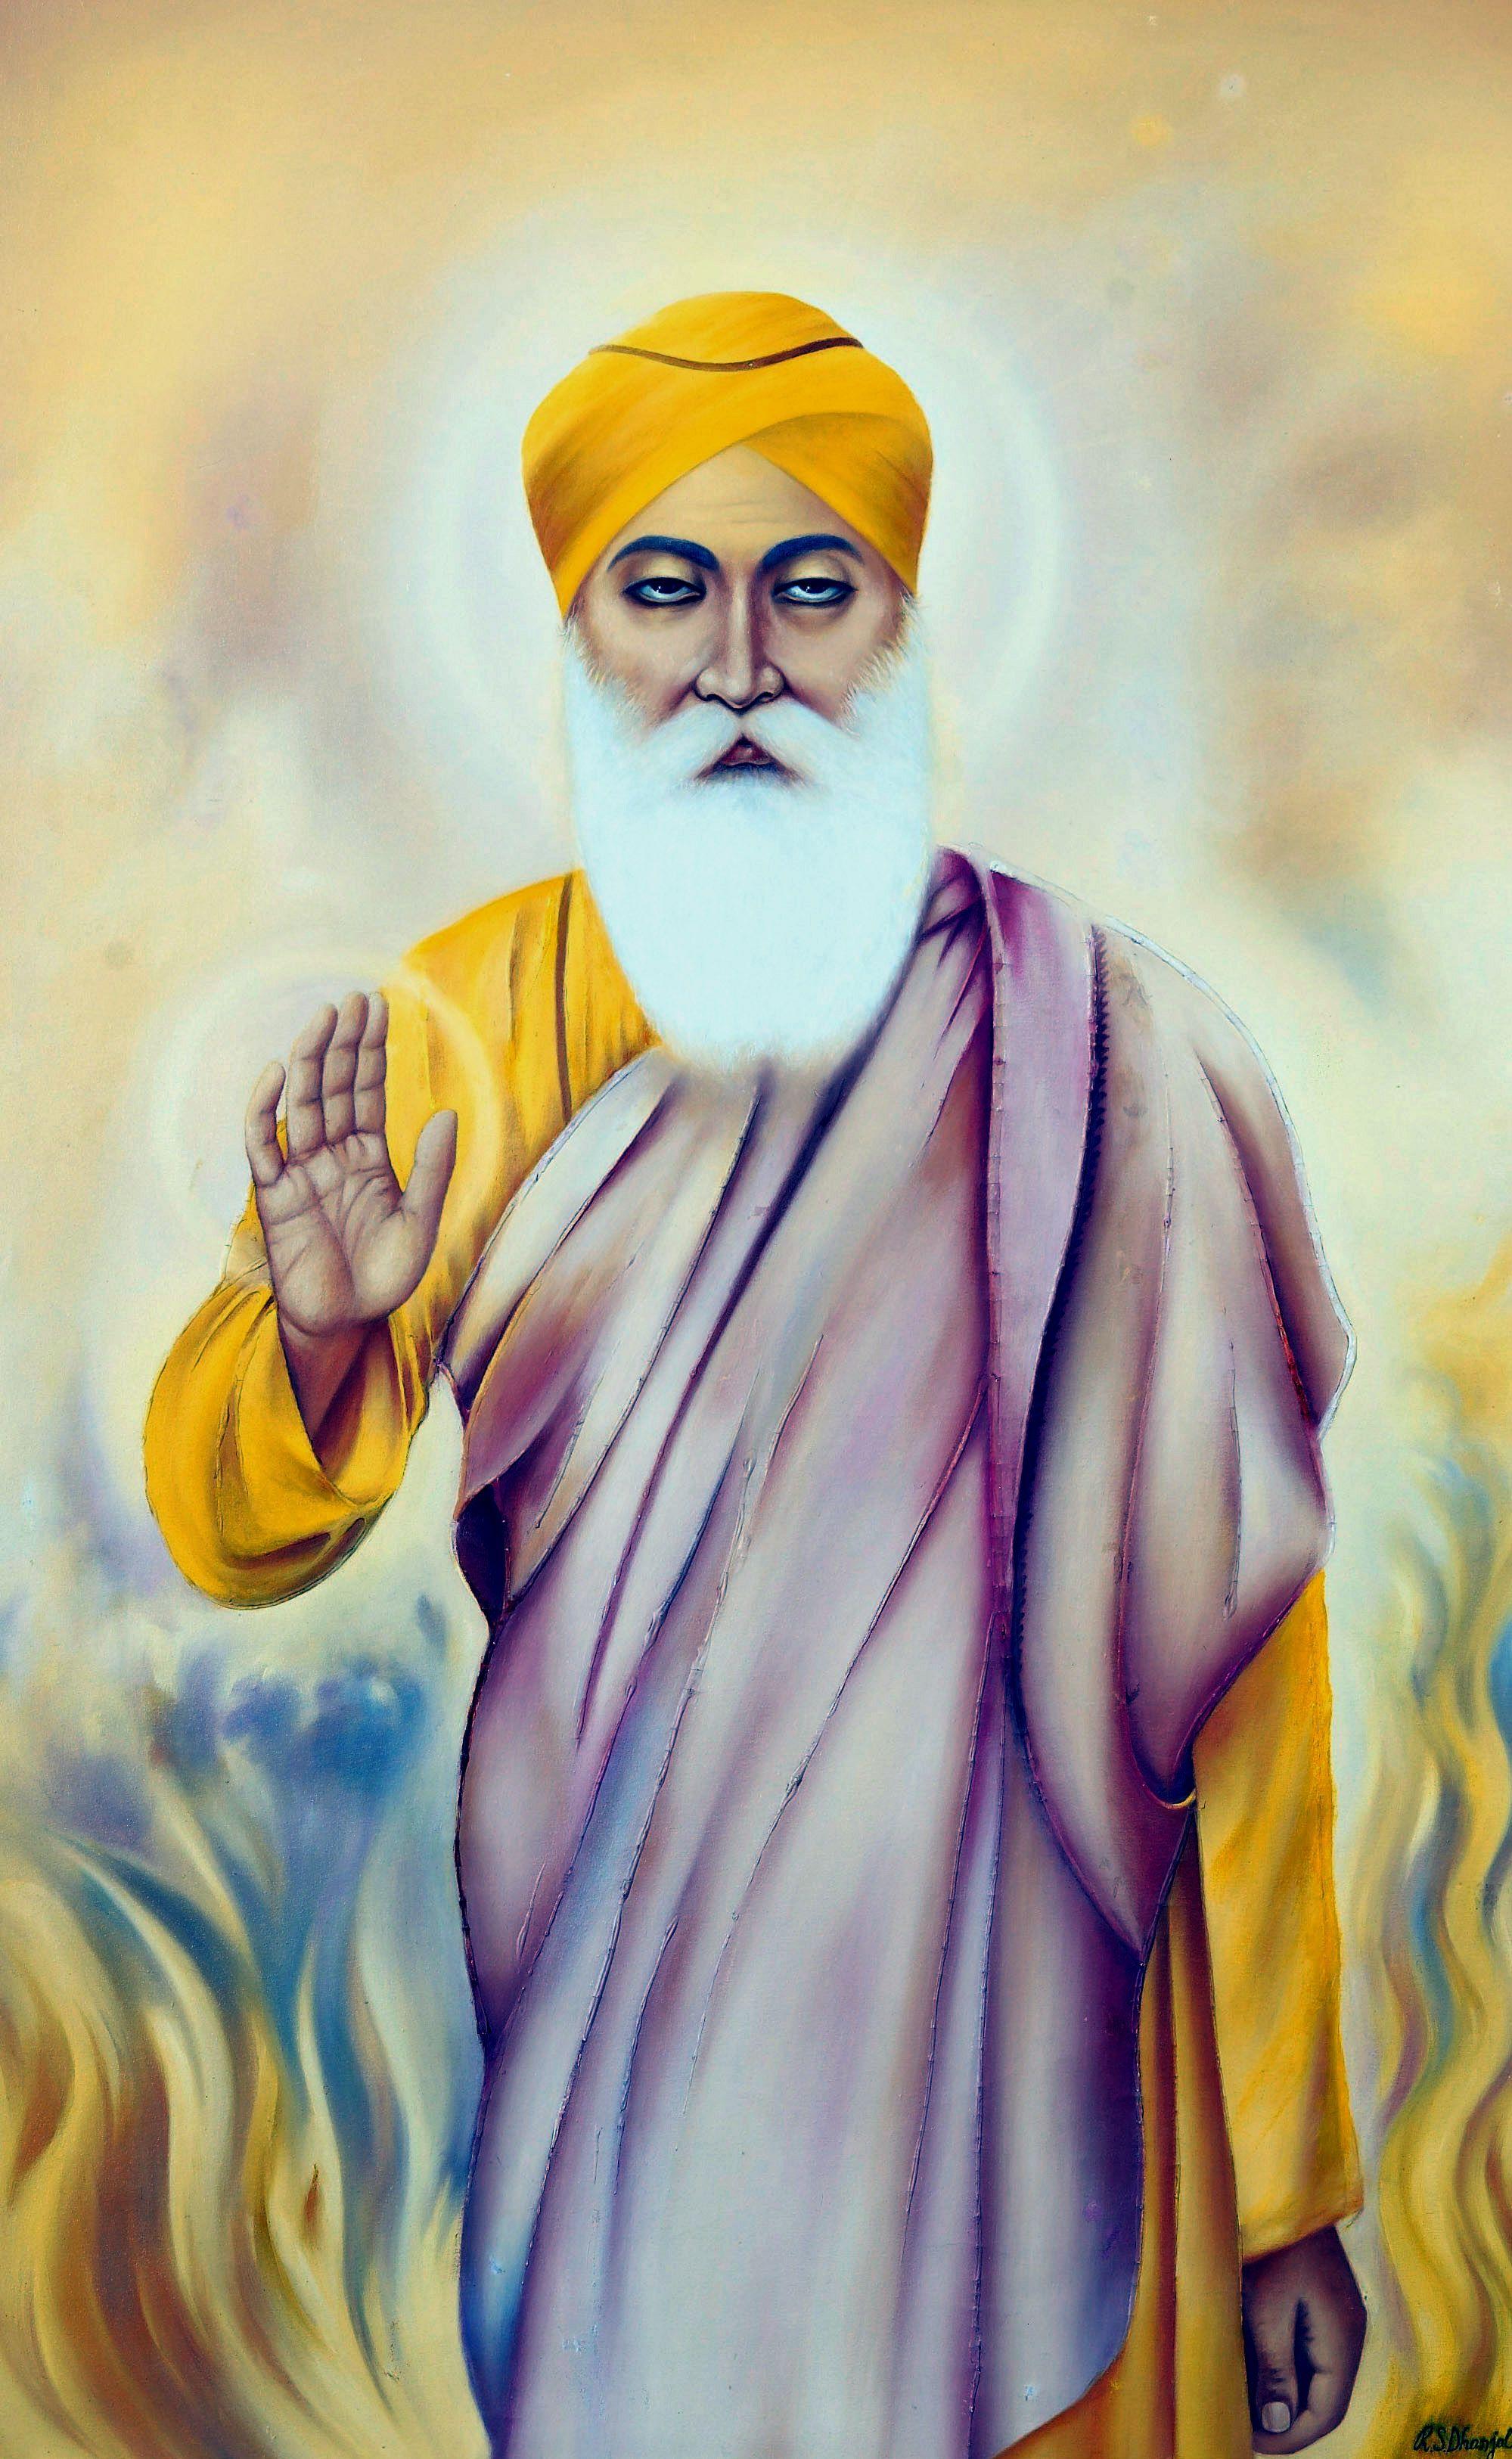 dhan dhan sri guru nanak dev ji sahib guru nanak pinterest